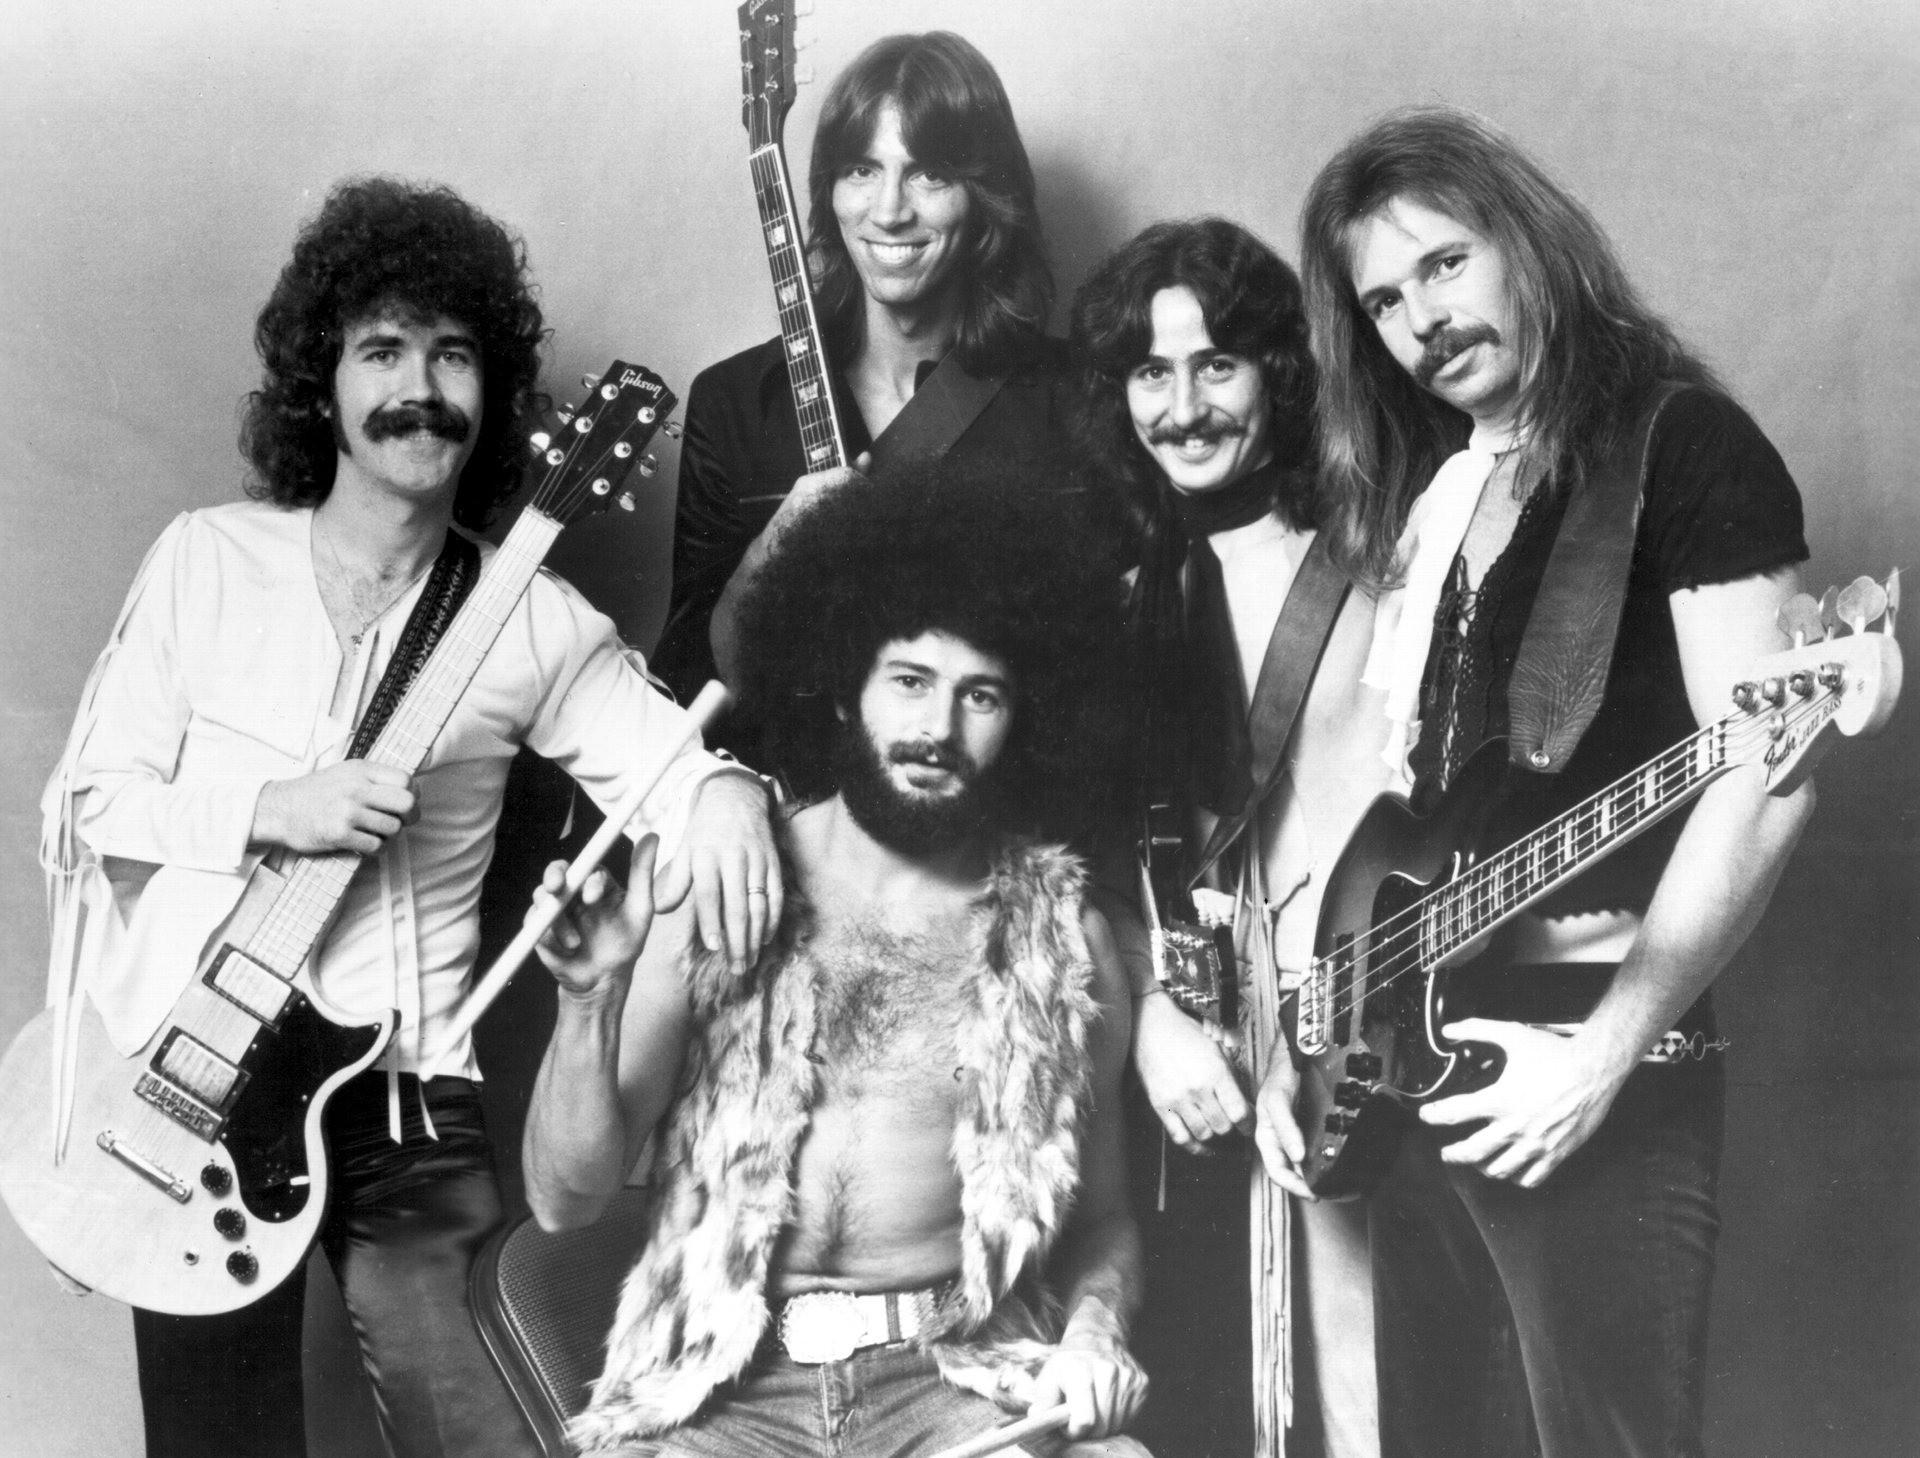 Прежний барабанщик группы Boston скончался впроцессе концерта накруизном лайнере